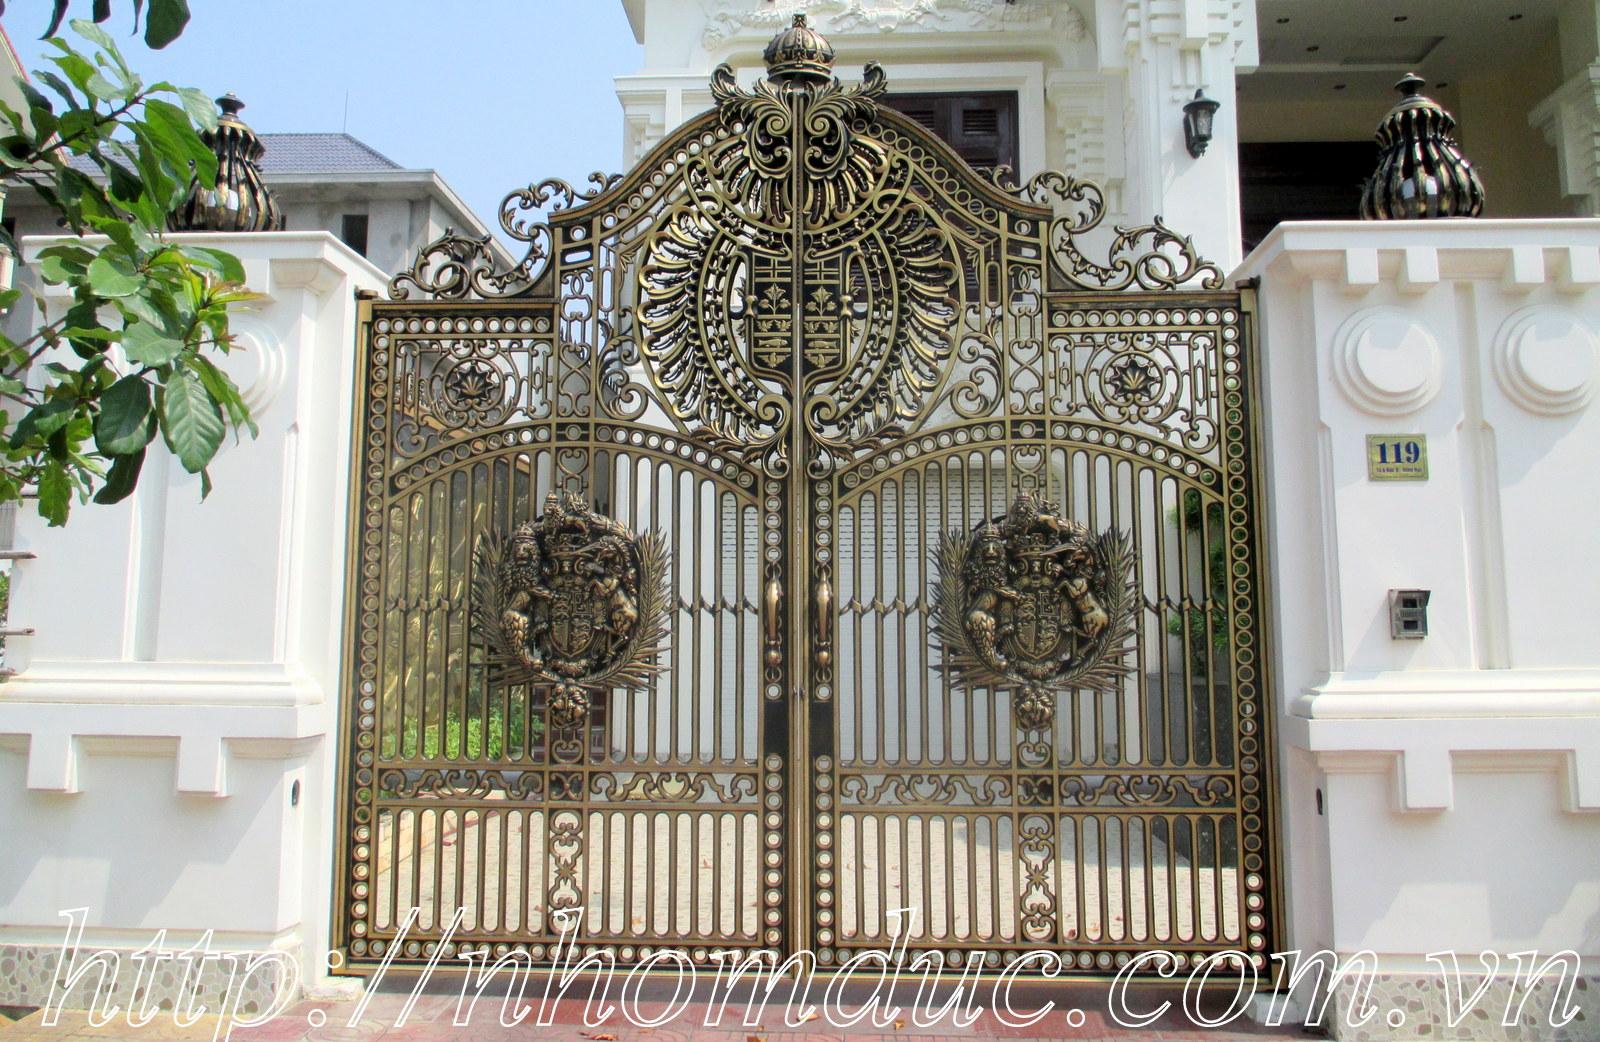 Mẫu cổng biệt thự làm bằng nhôm đúc tuyệt đẹp